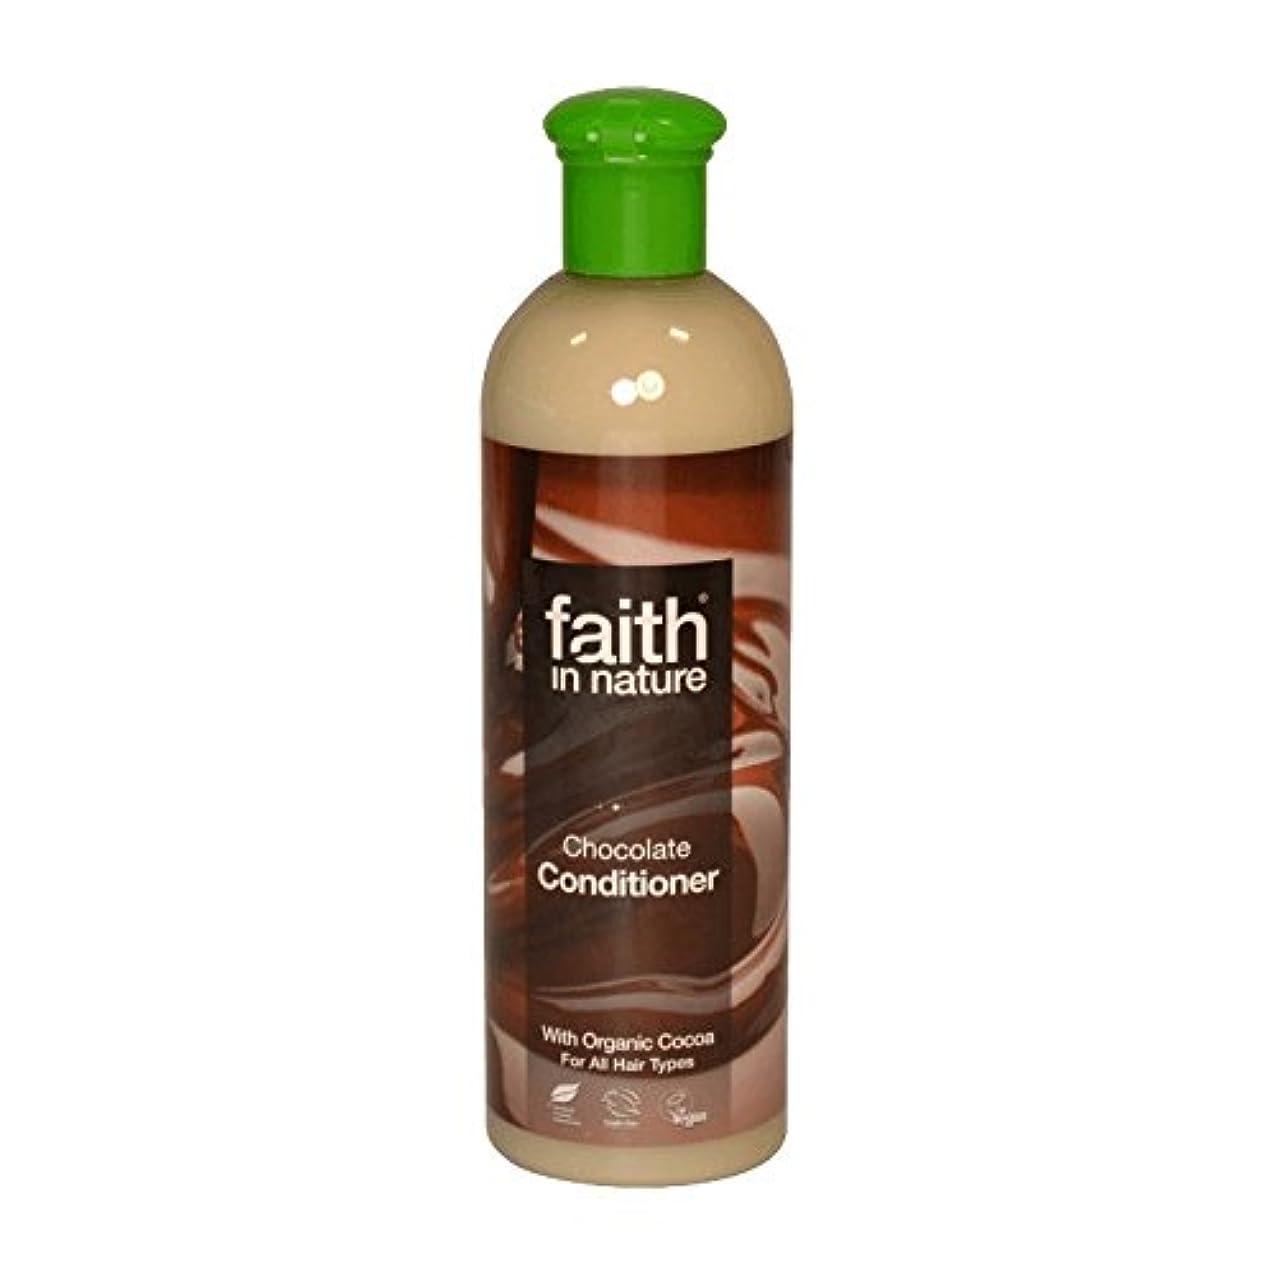 ひねり不測の事態航空便自然チョコレートコンディショナー400ミリリットルの信仰 - Faith In Nature Chocolate Conditioner 400ml (Faith in Nature) [並行輸入品]